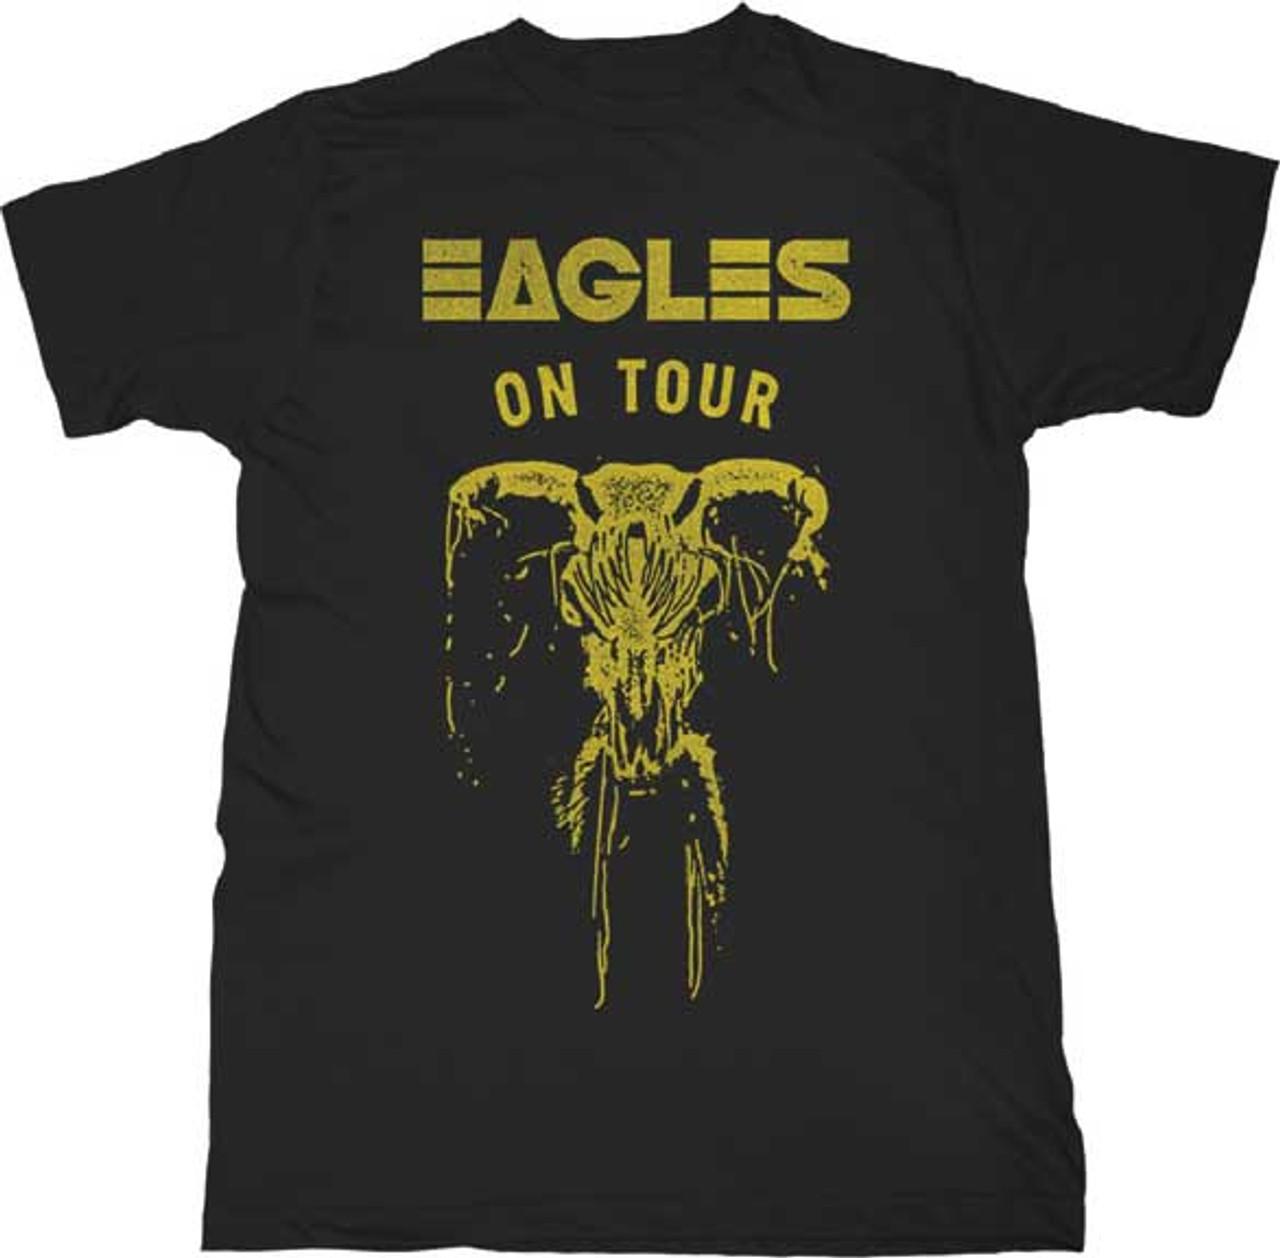 eagles tshirt